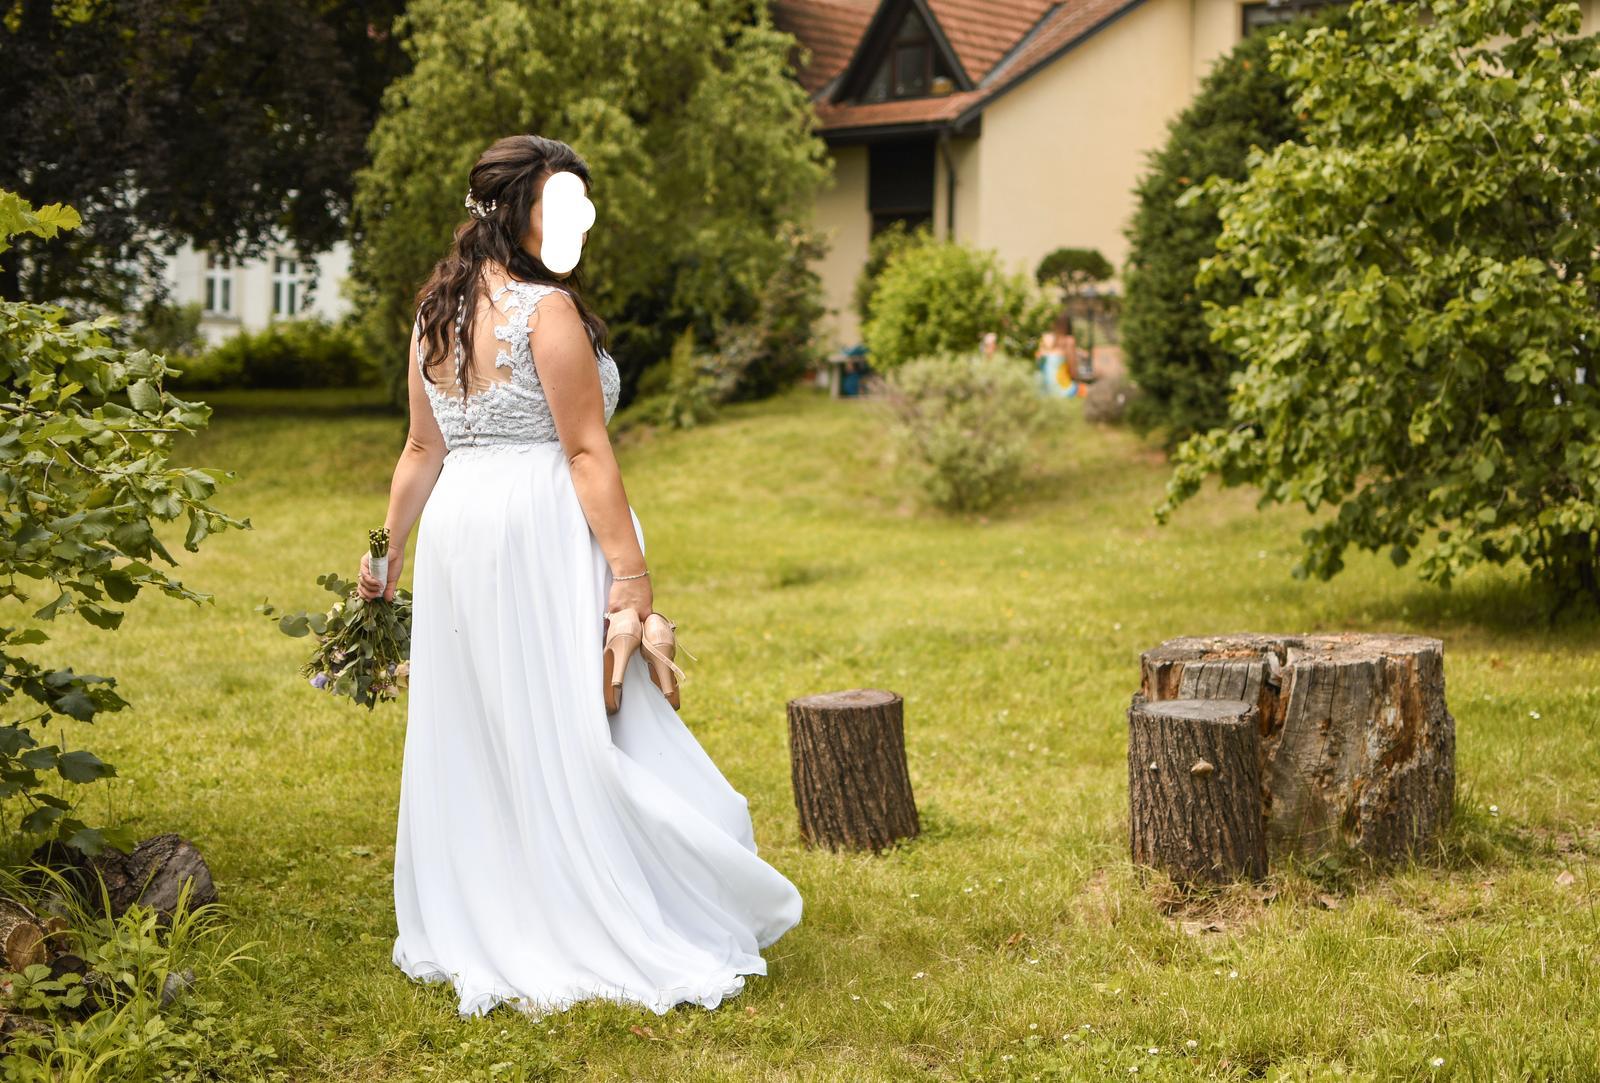 Svatební šaty Agnes, vel. 42-44 - Obrázek č. 1